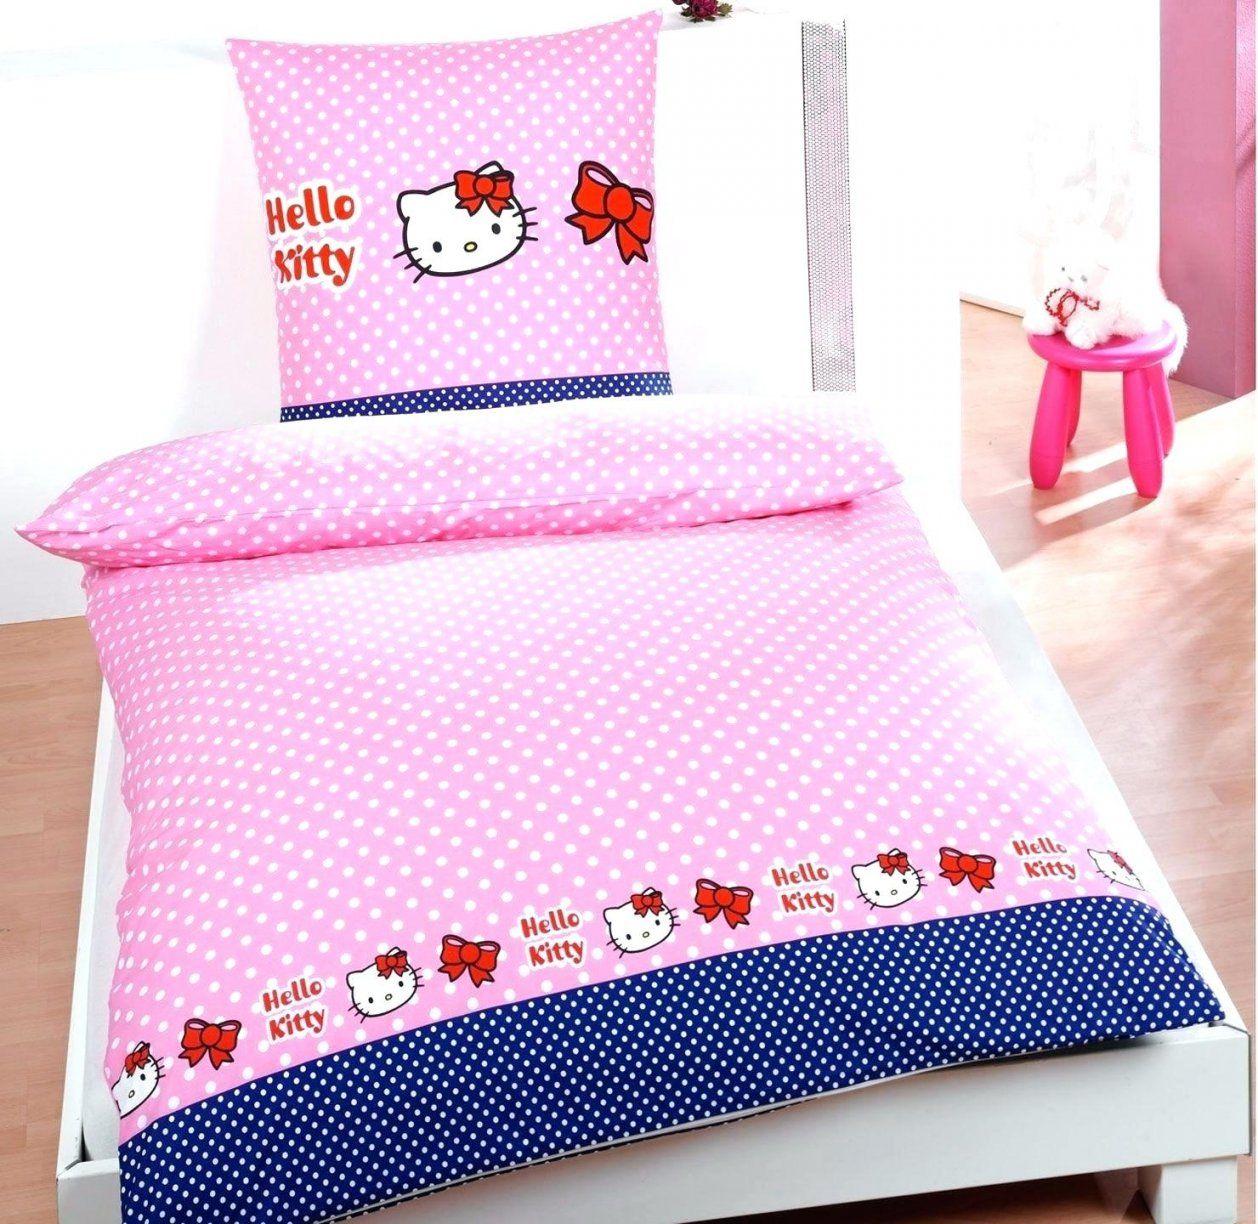 Hello Kitty Bettwasche Daisy Artikelnummer 1607142 100135 Von Hello